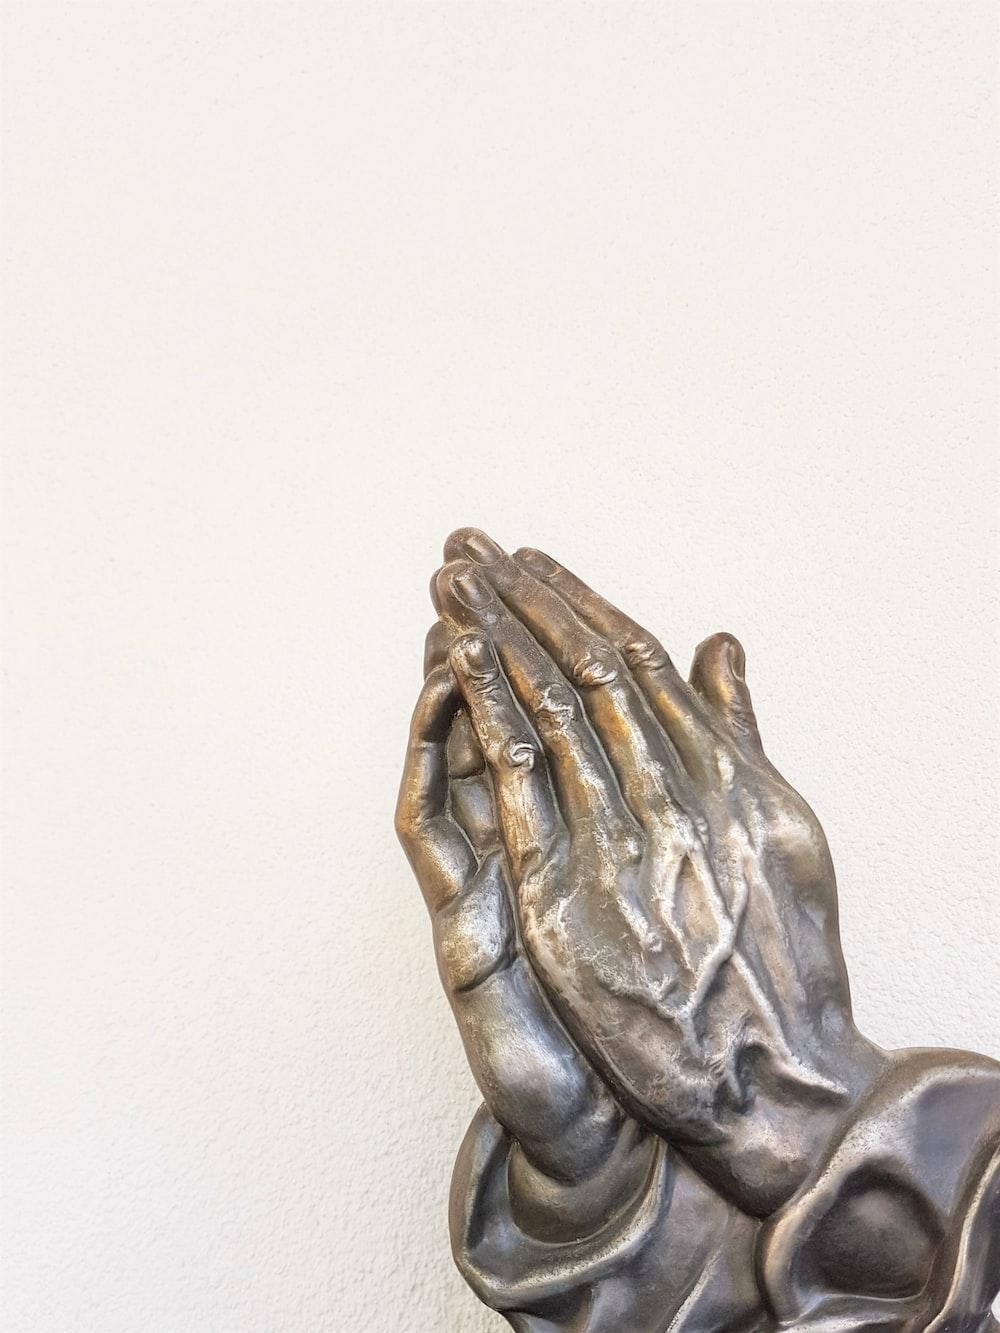 gray praying hand statue